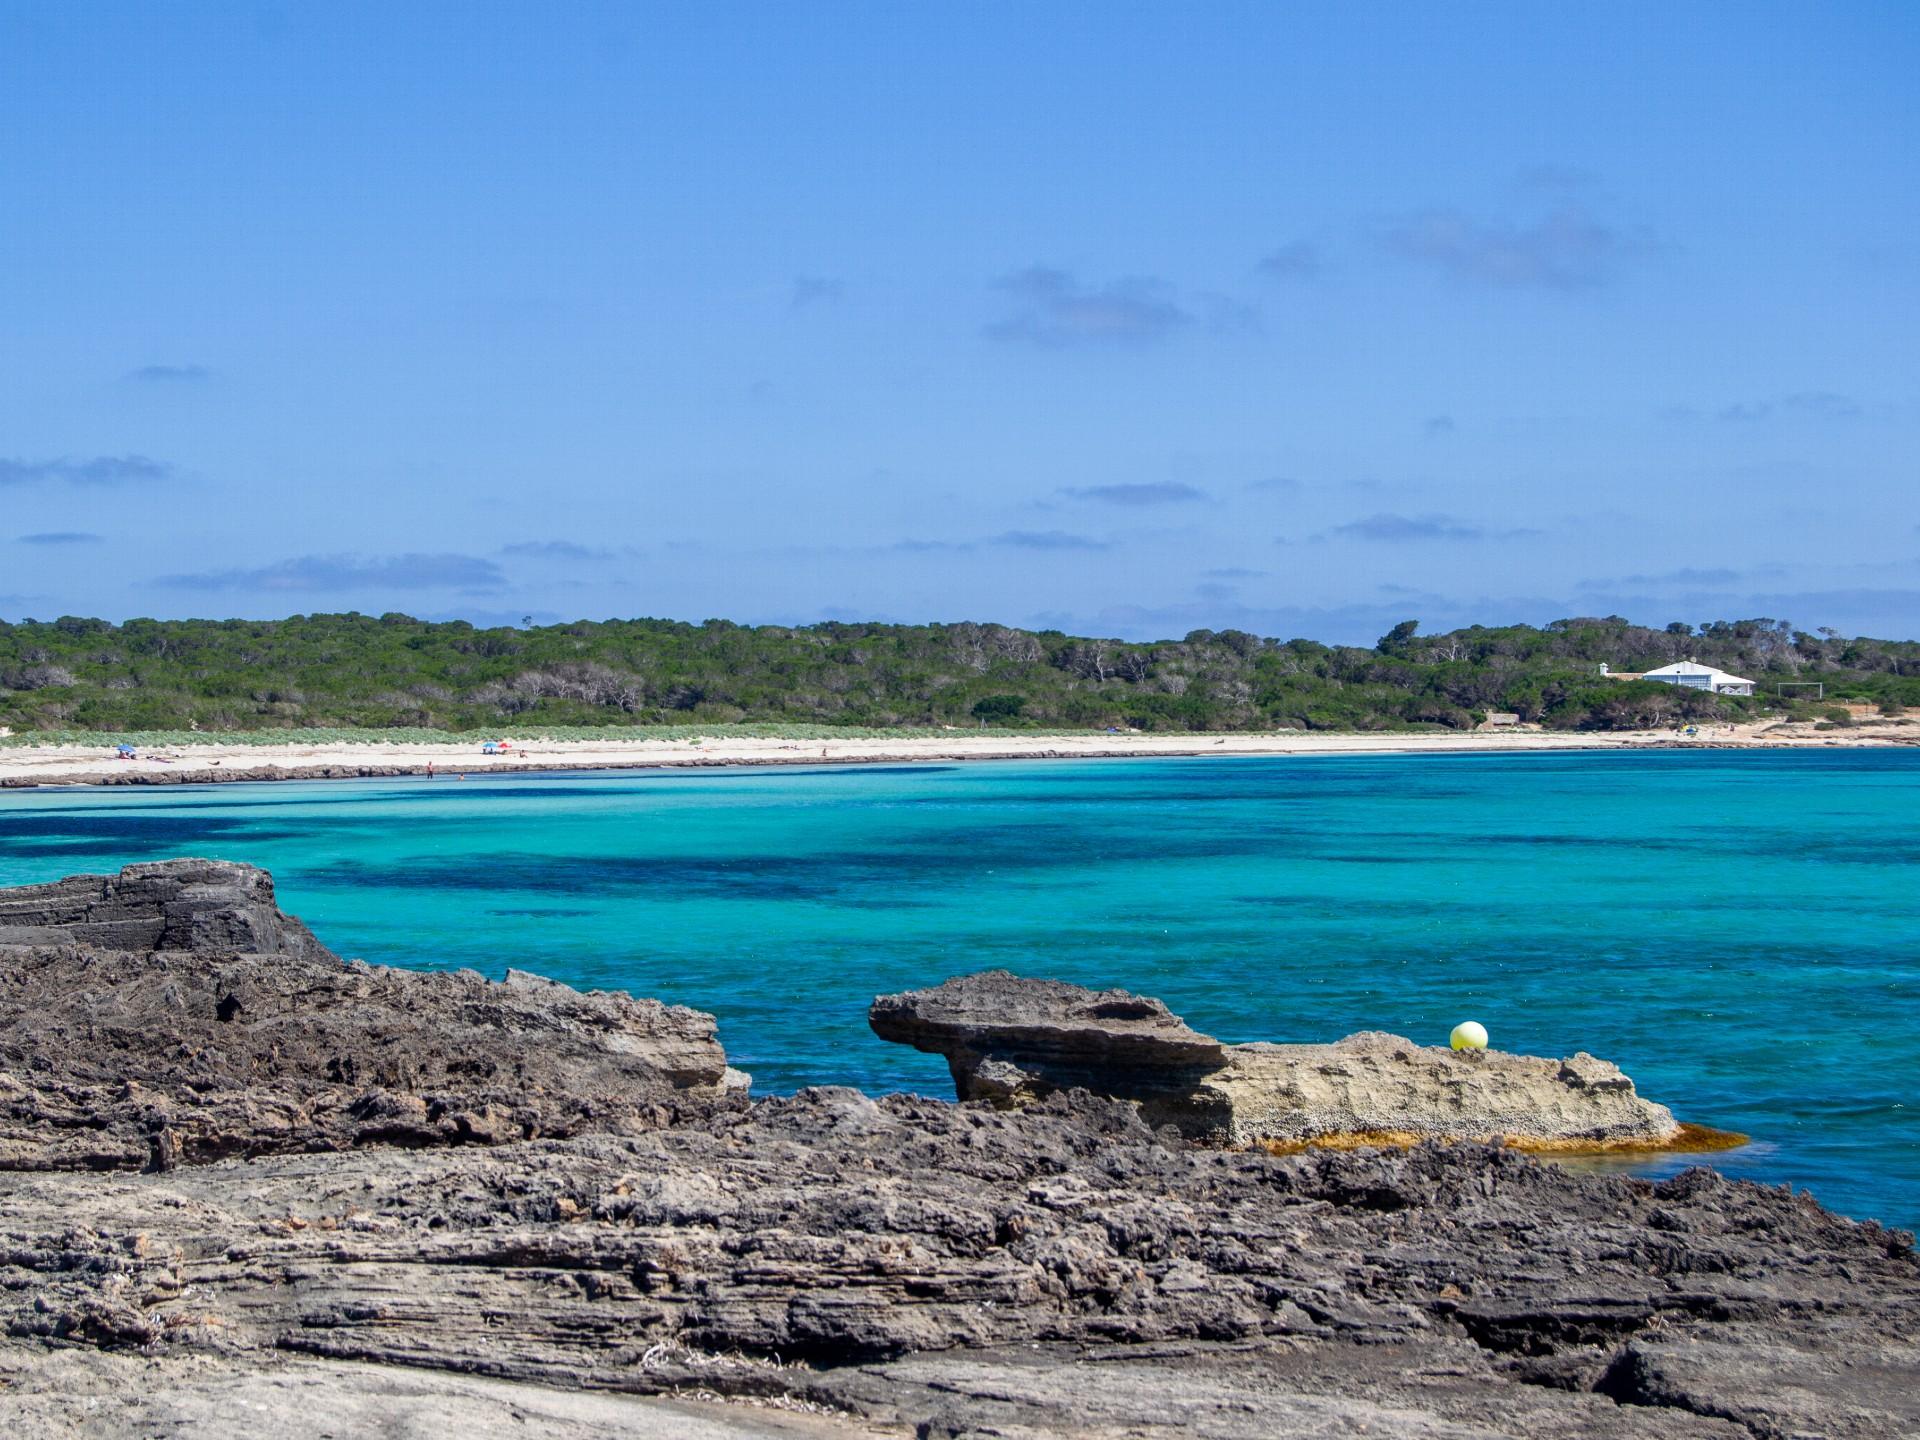 Krásná rajská pláž Es Caragol na Mallorce